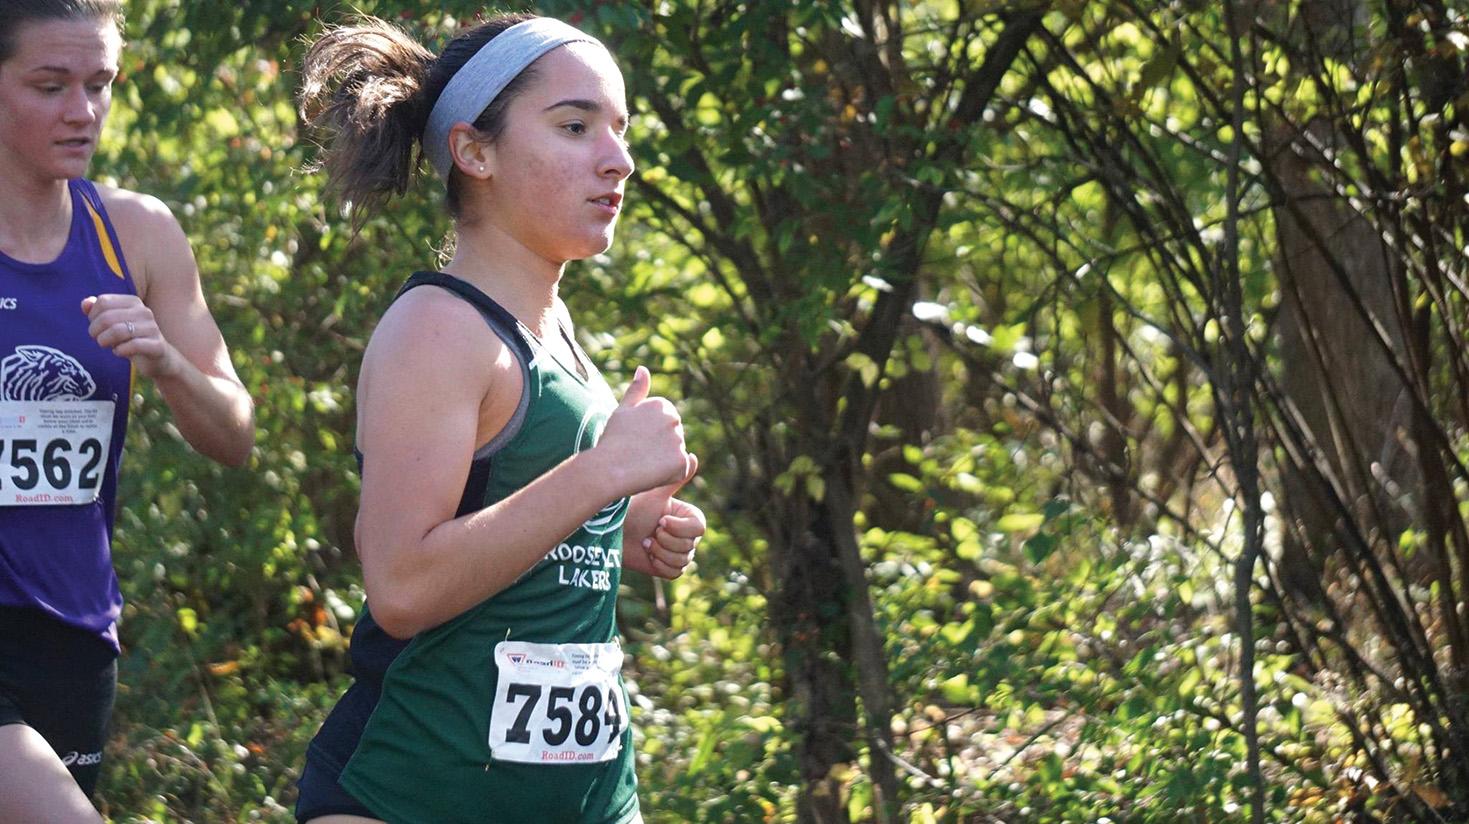 Gina Narcisi running